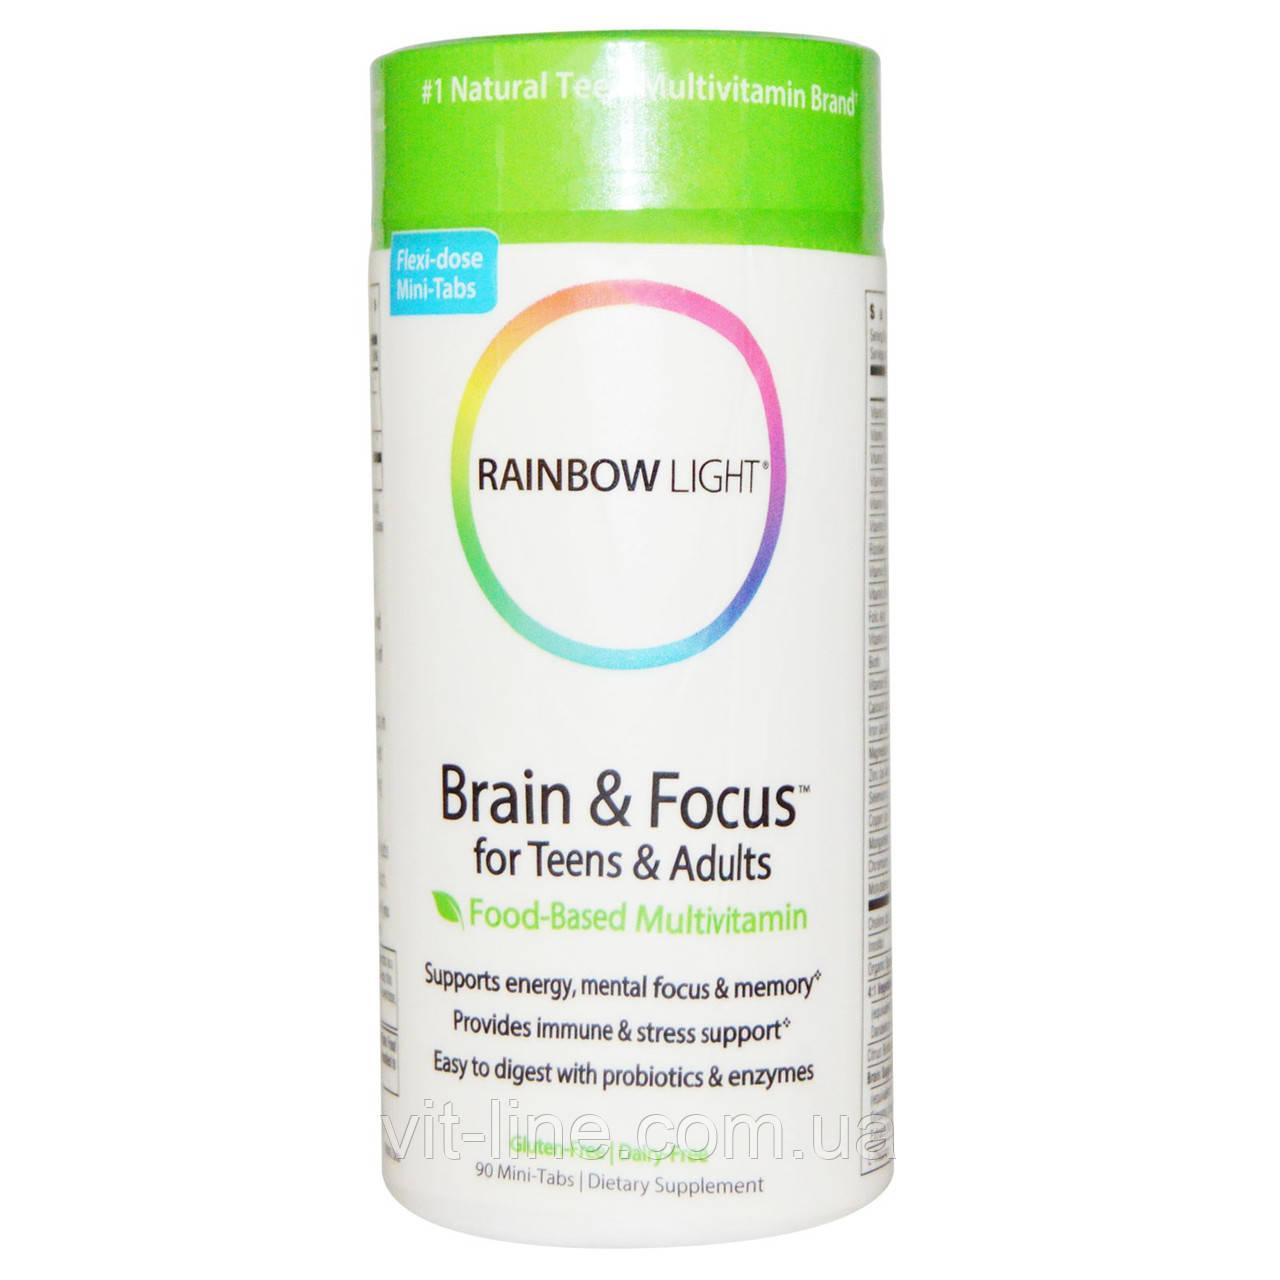 Rainbow Light, Brain & Focus для детей и взрослых, пищевой мультивитаминный комплекс, 90 мини таблет